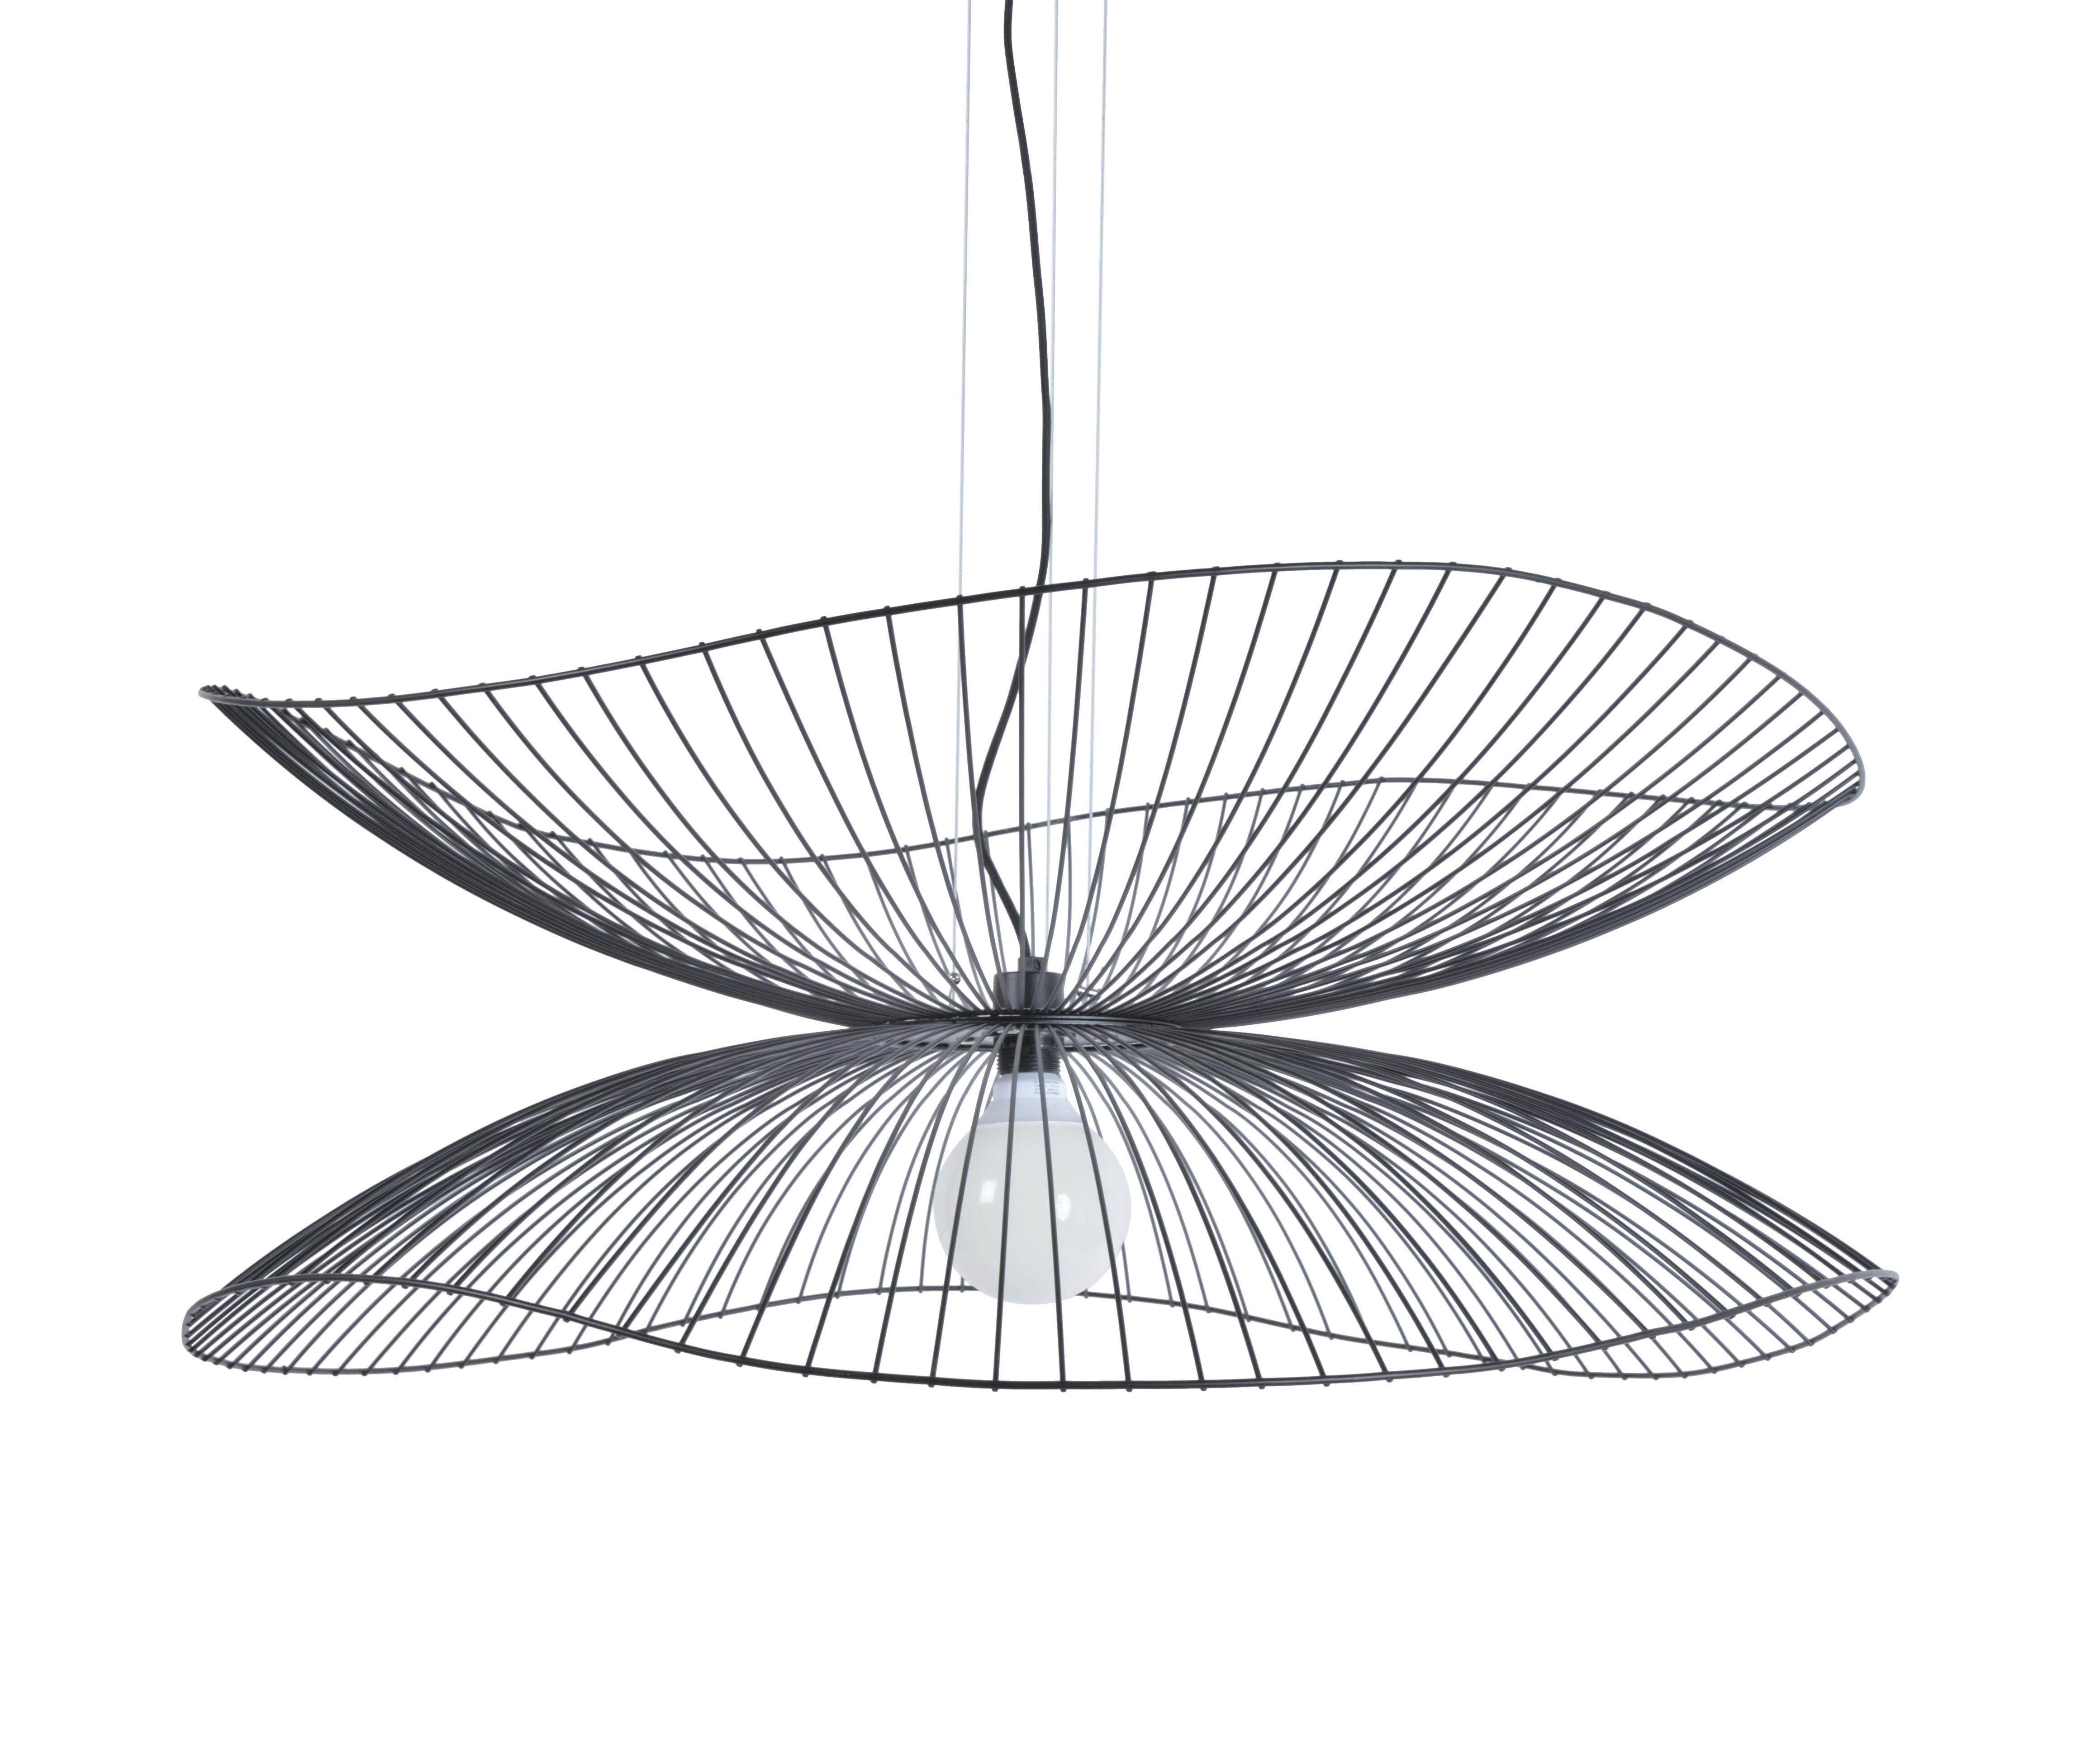 Illuminazione - Lampadari - Sospensione Libellule Large - / Ø 100 x H 40 cm di Forestier - Nero - Fili di ferro laccati